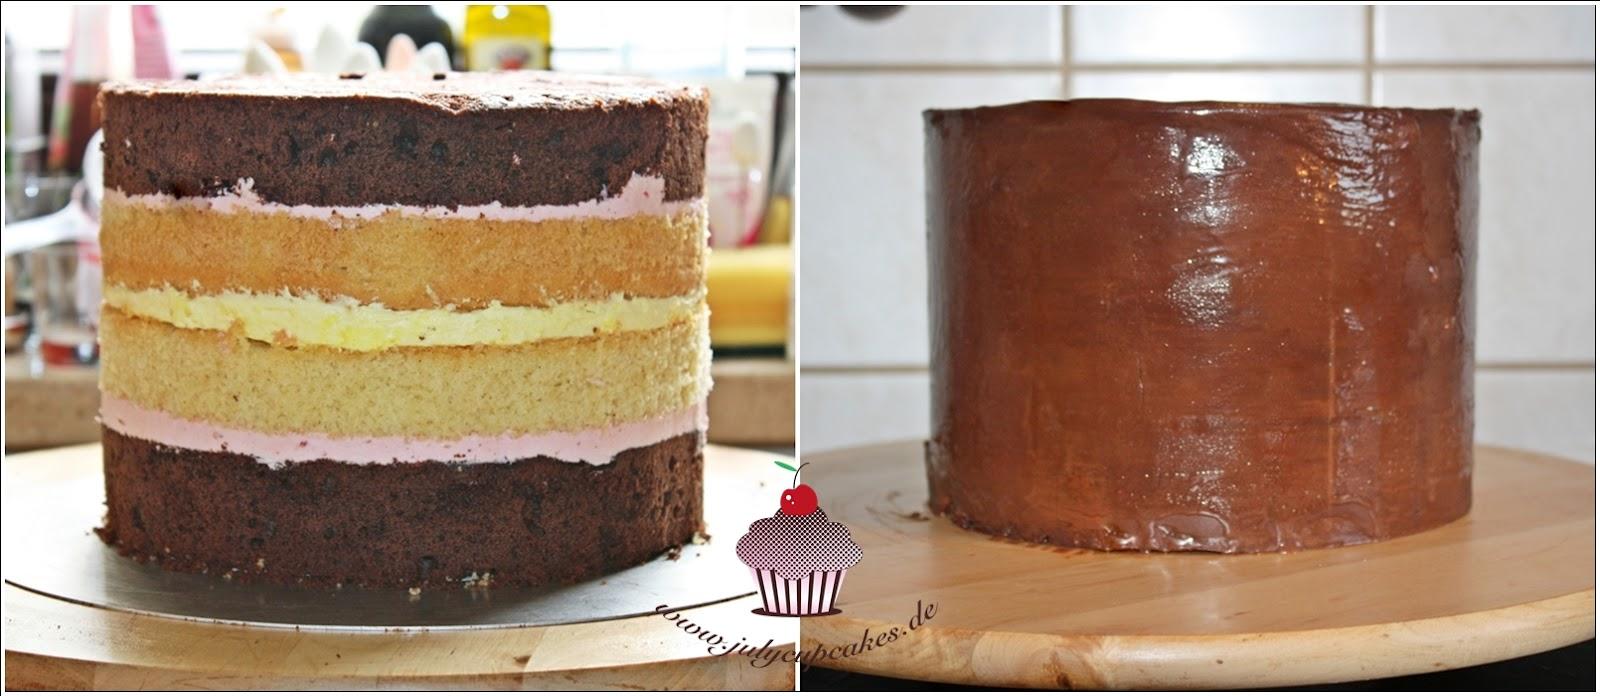 Рецепты пошаговые тортов и мастики